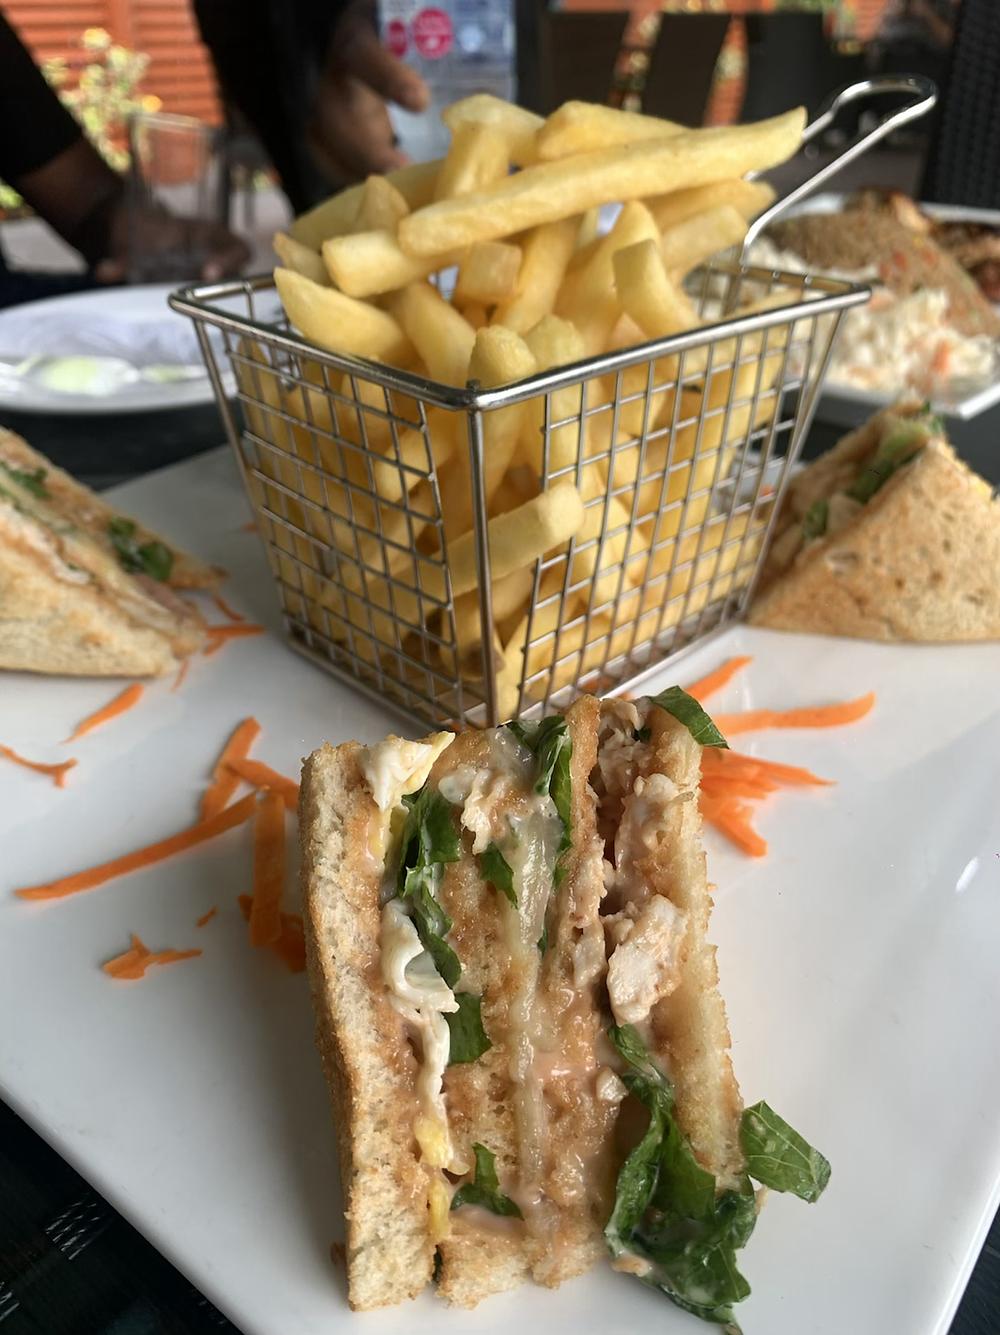 Club Sandwich from Boys Company